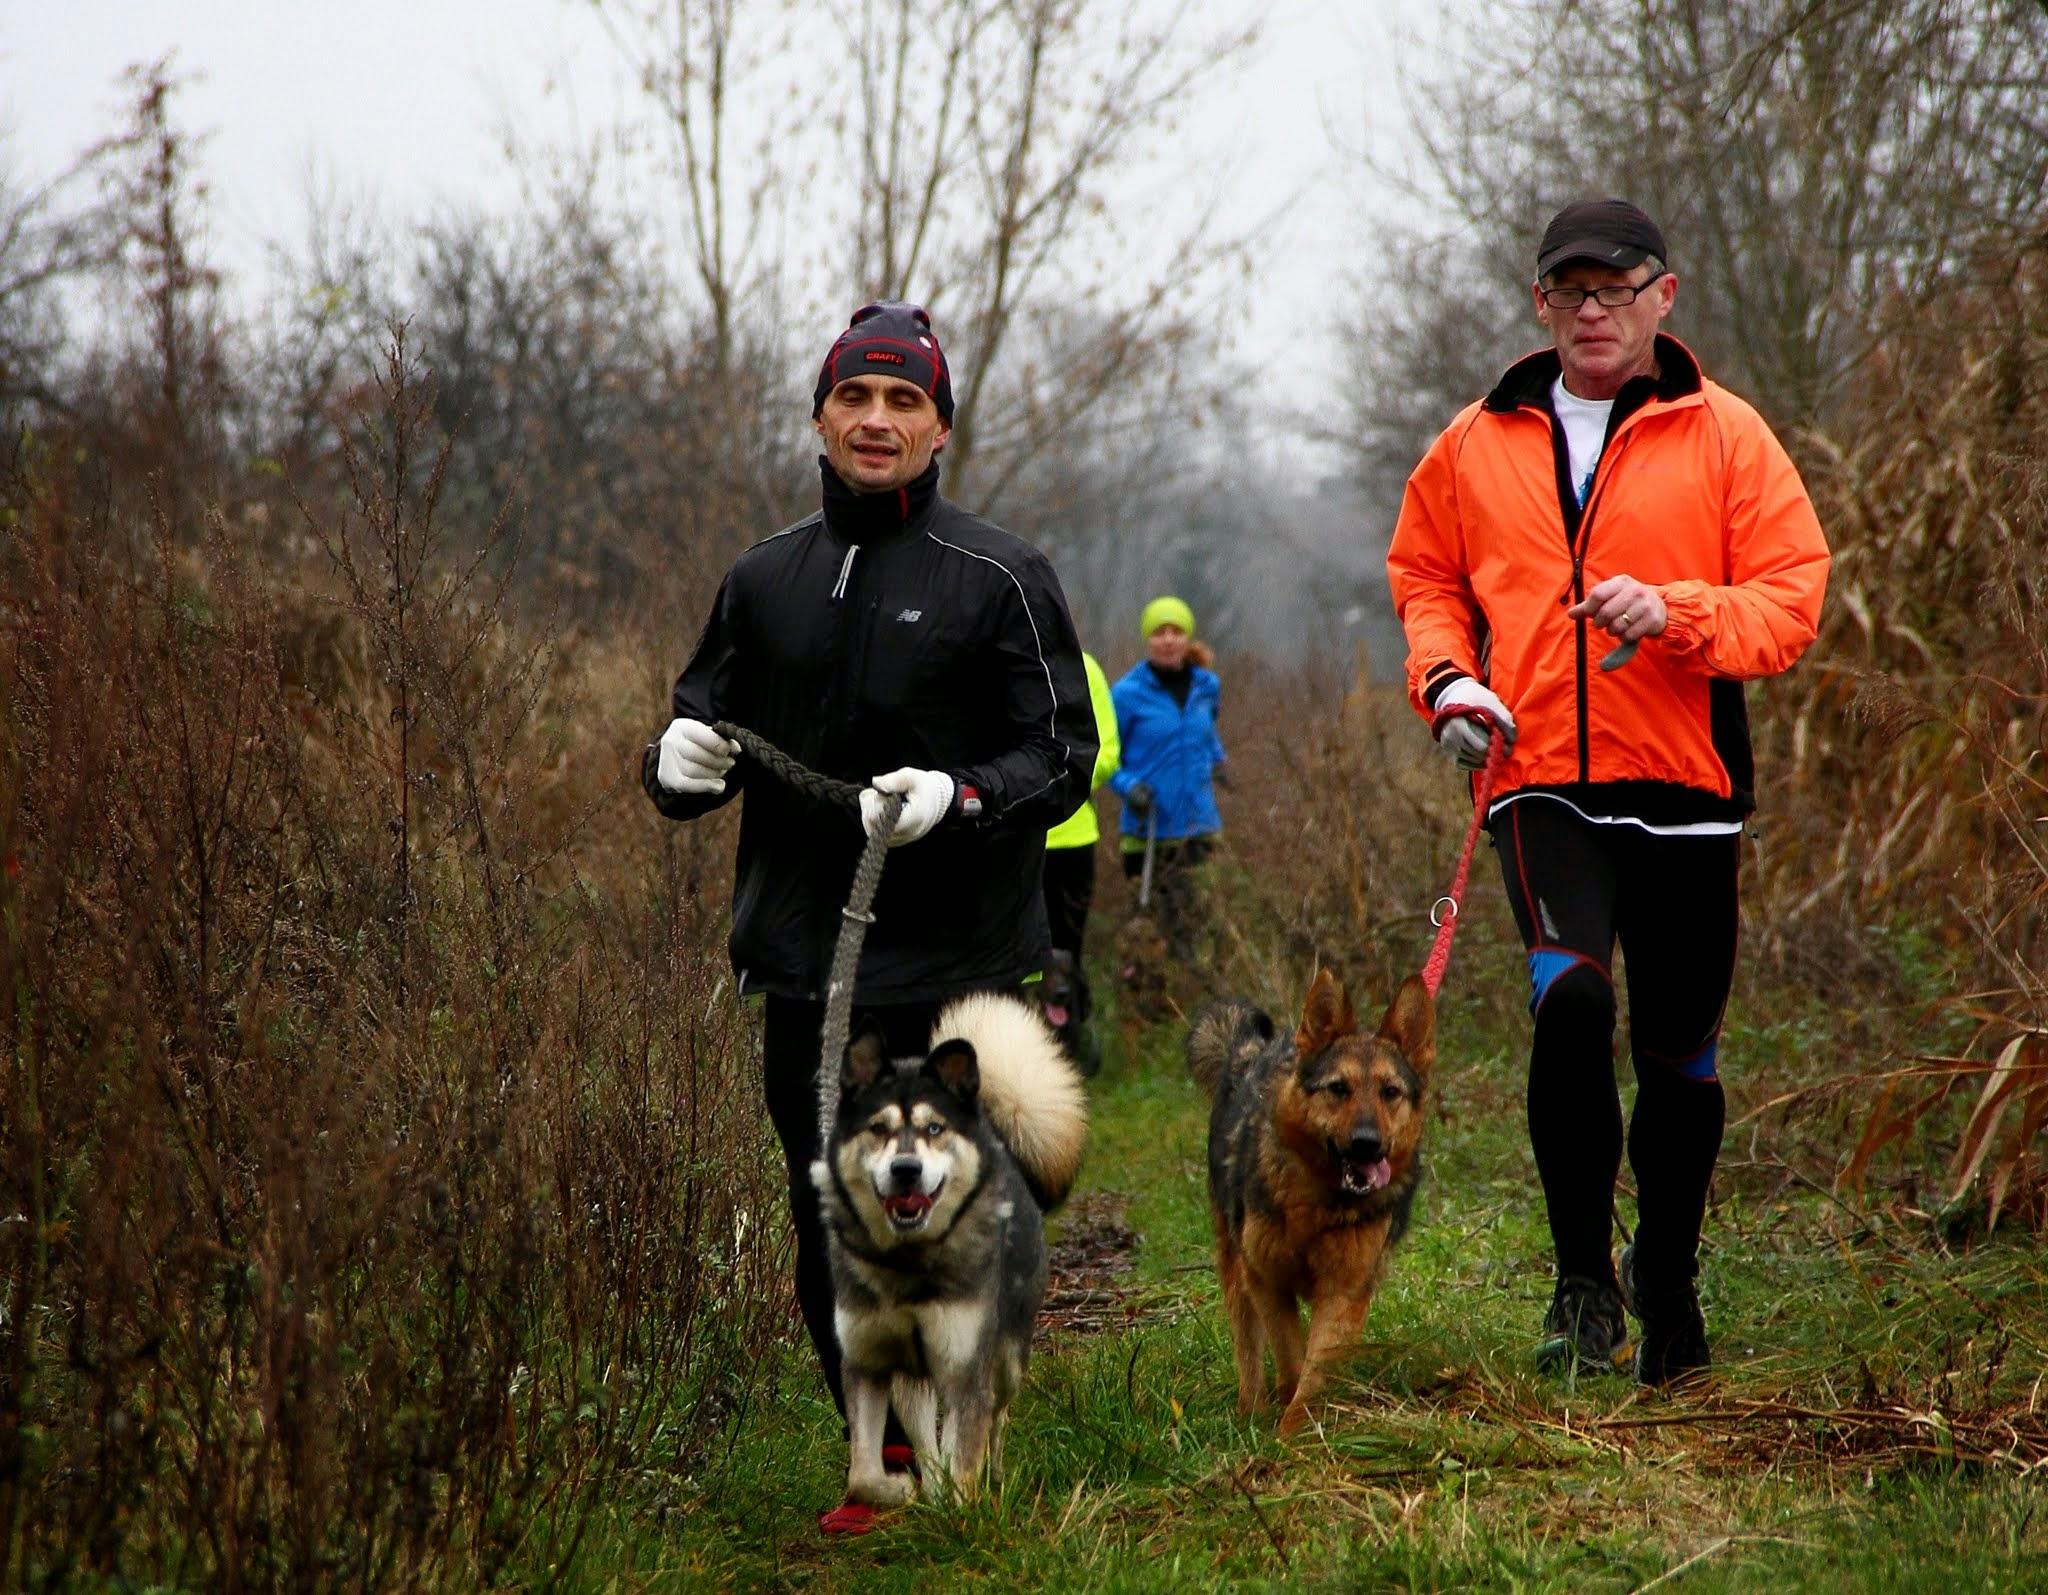 Dog Running. Fot. Marek Tęcza 04